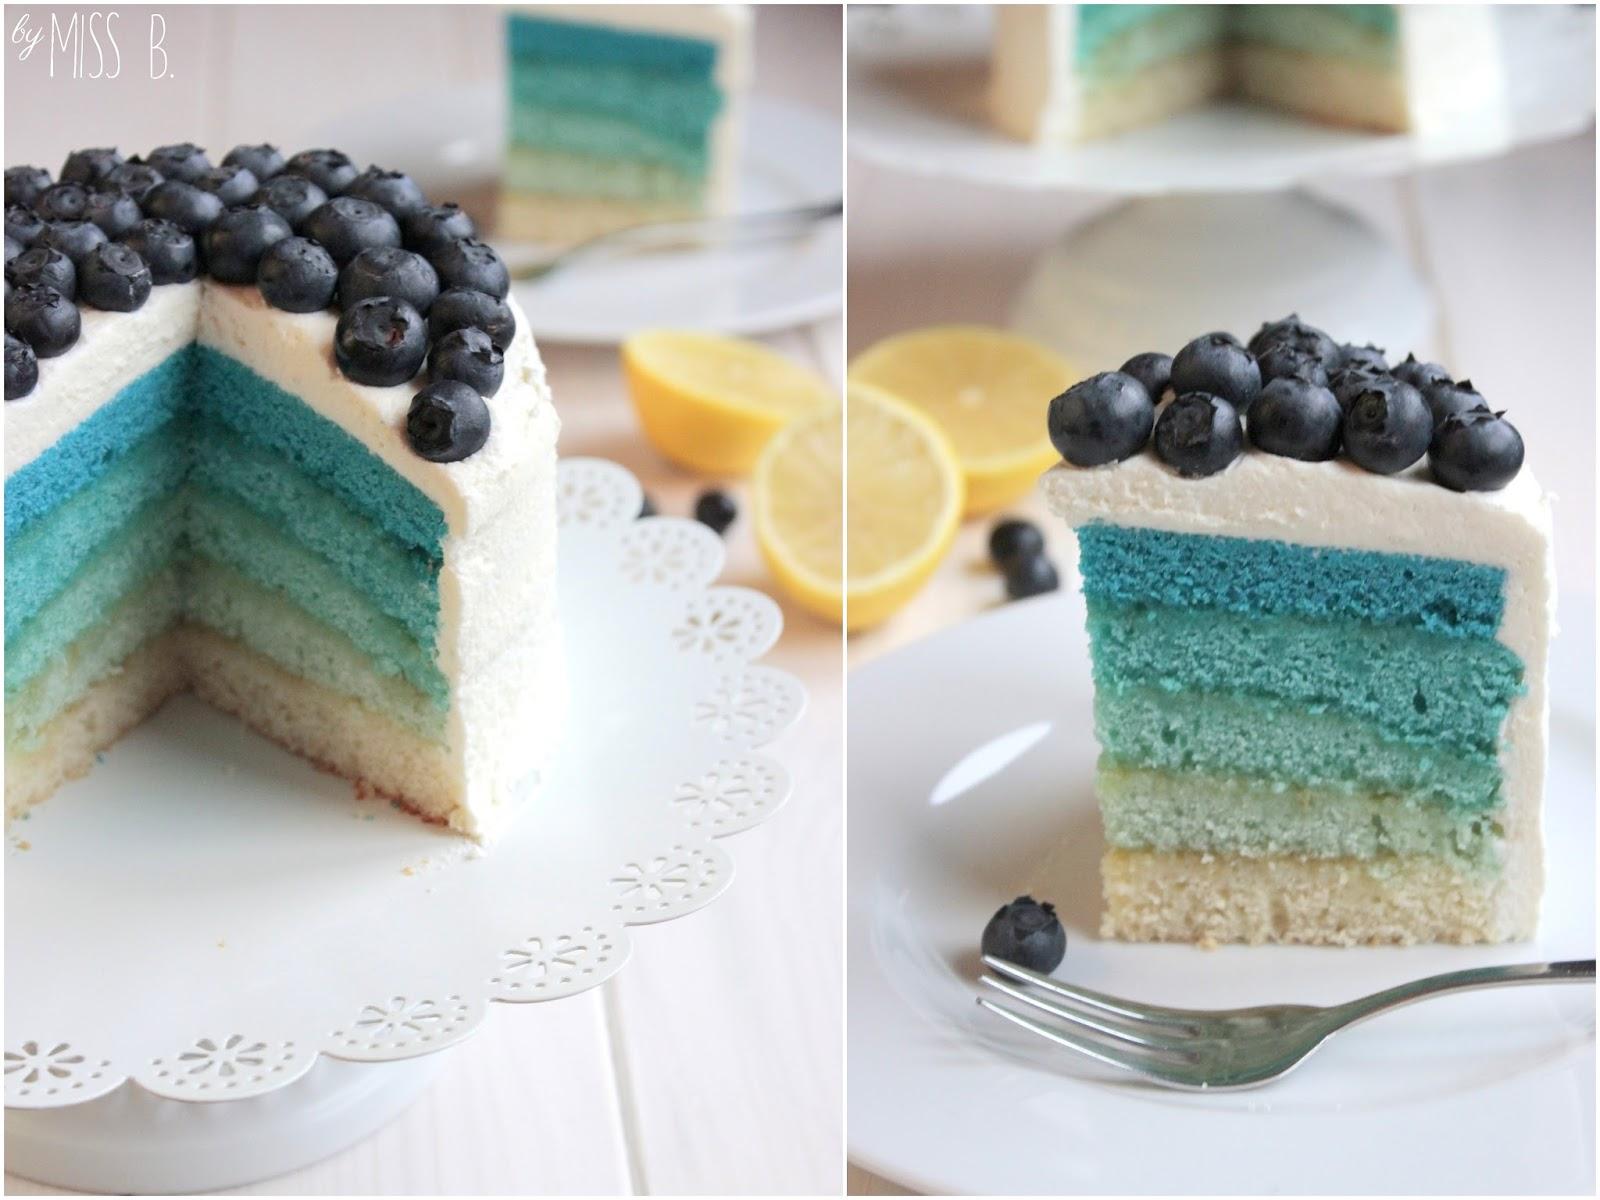 miss blueberrymuffin 39 s kitchen blue ombre cake mit blaubeeren. Black Bedroom Furniture Sets. Home Design Ideas